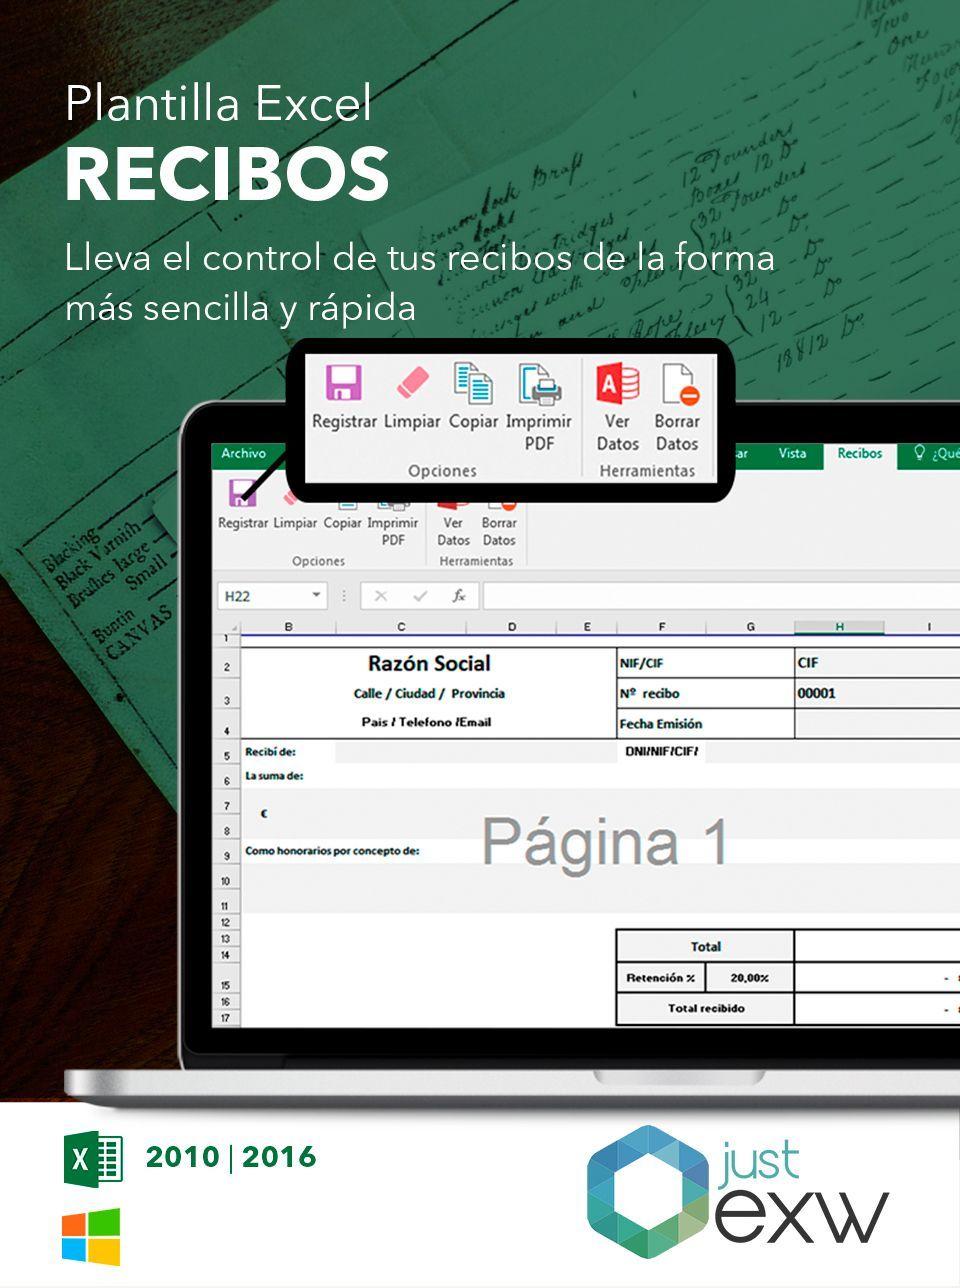 Plantilla de recibos en excel plantilla para descargar for Plantillas de nomina en excel gratis